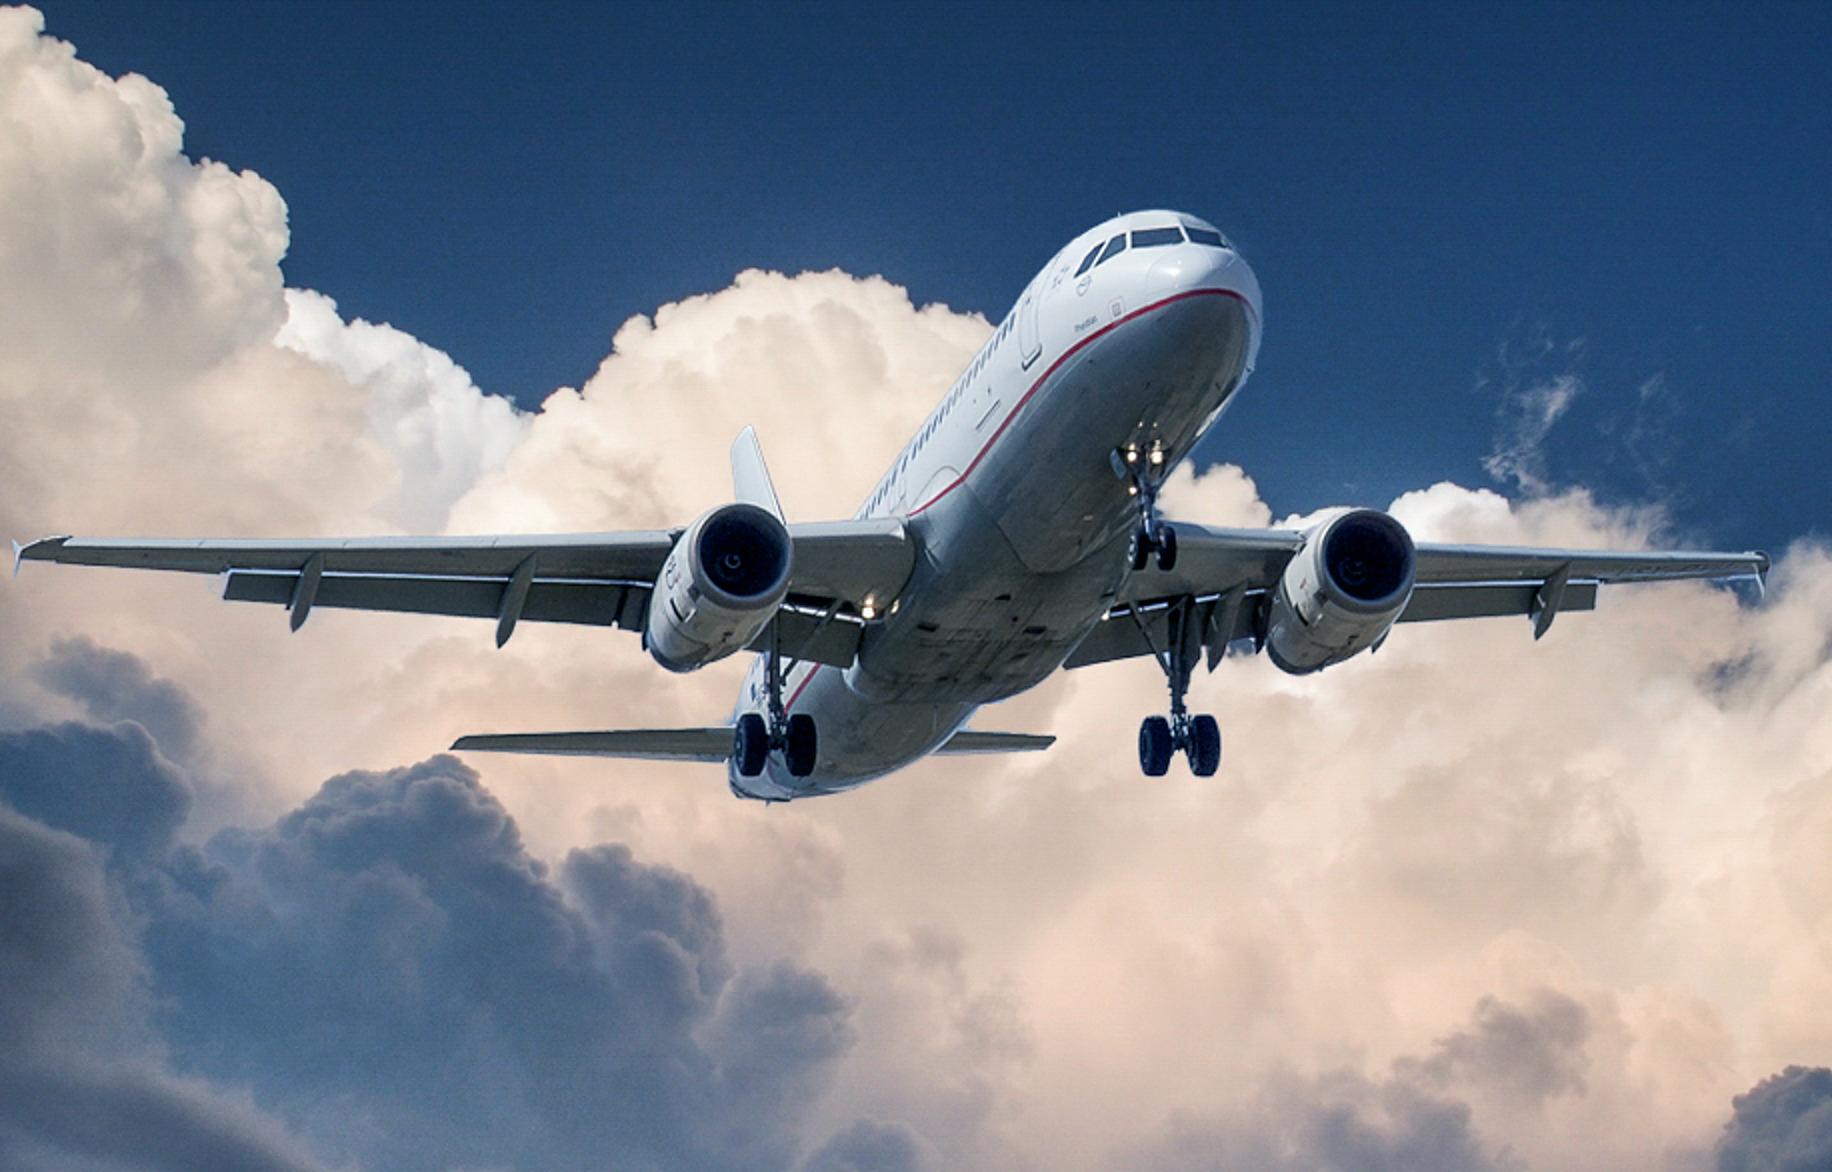 Desfibriladores en aviones0 (0)